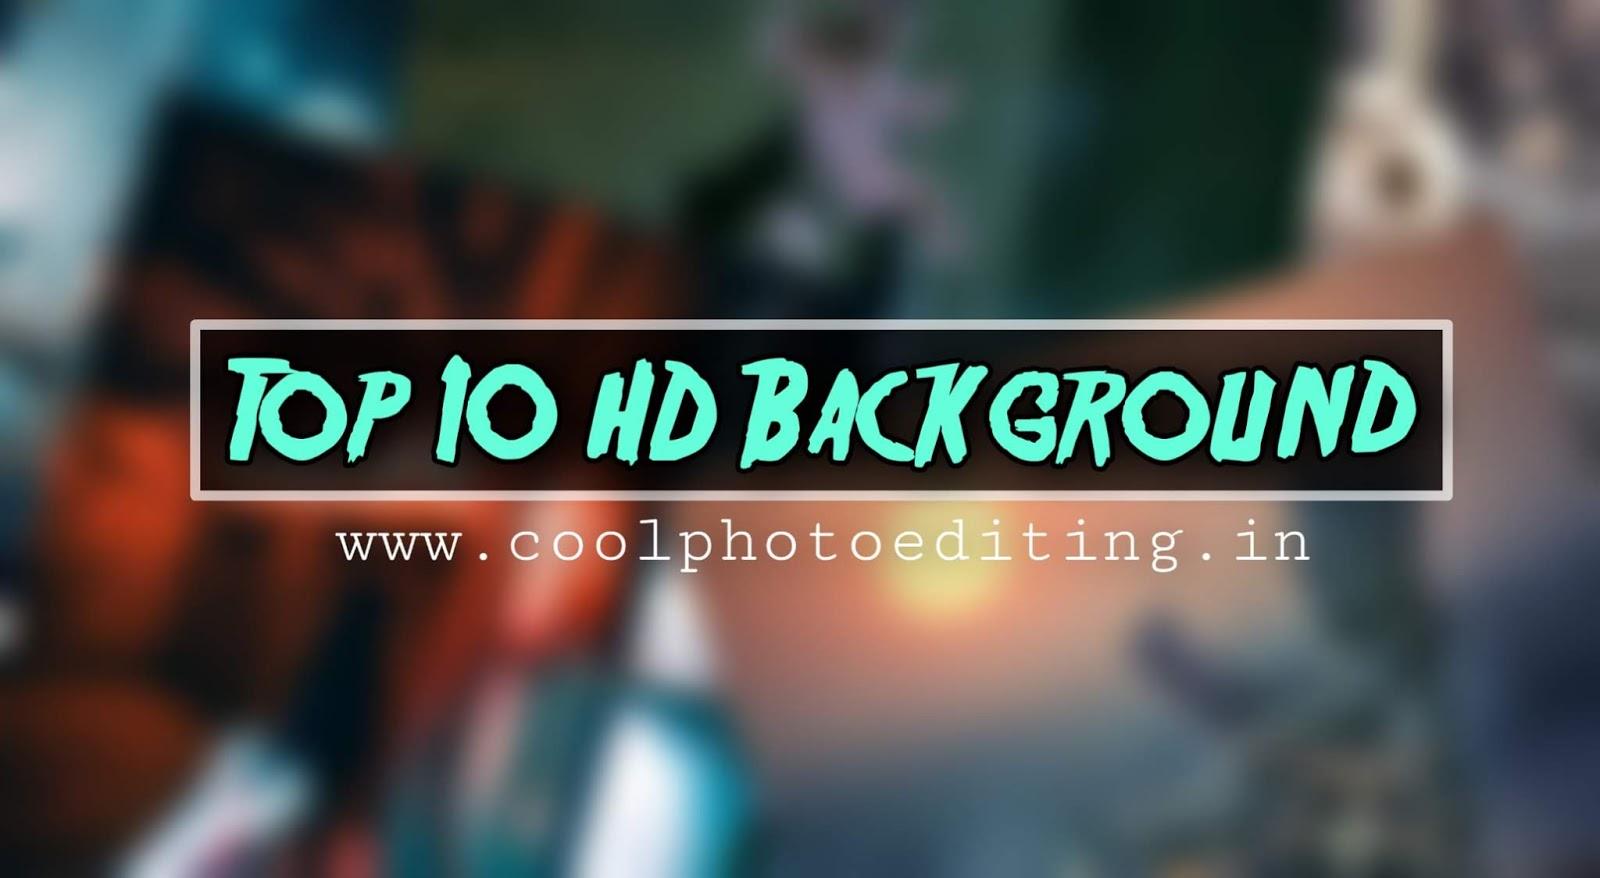 Top 10 HD Wallpaper Free Downlaod